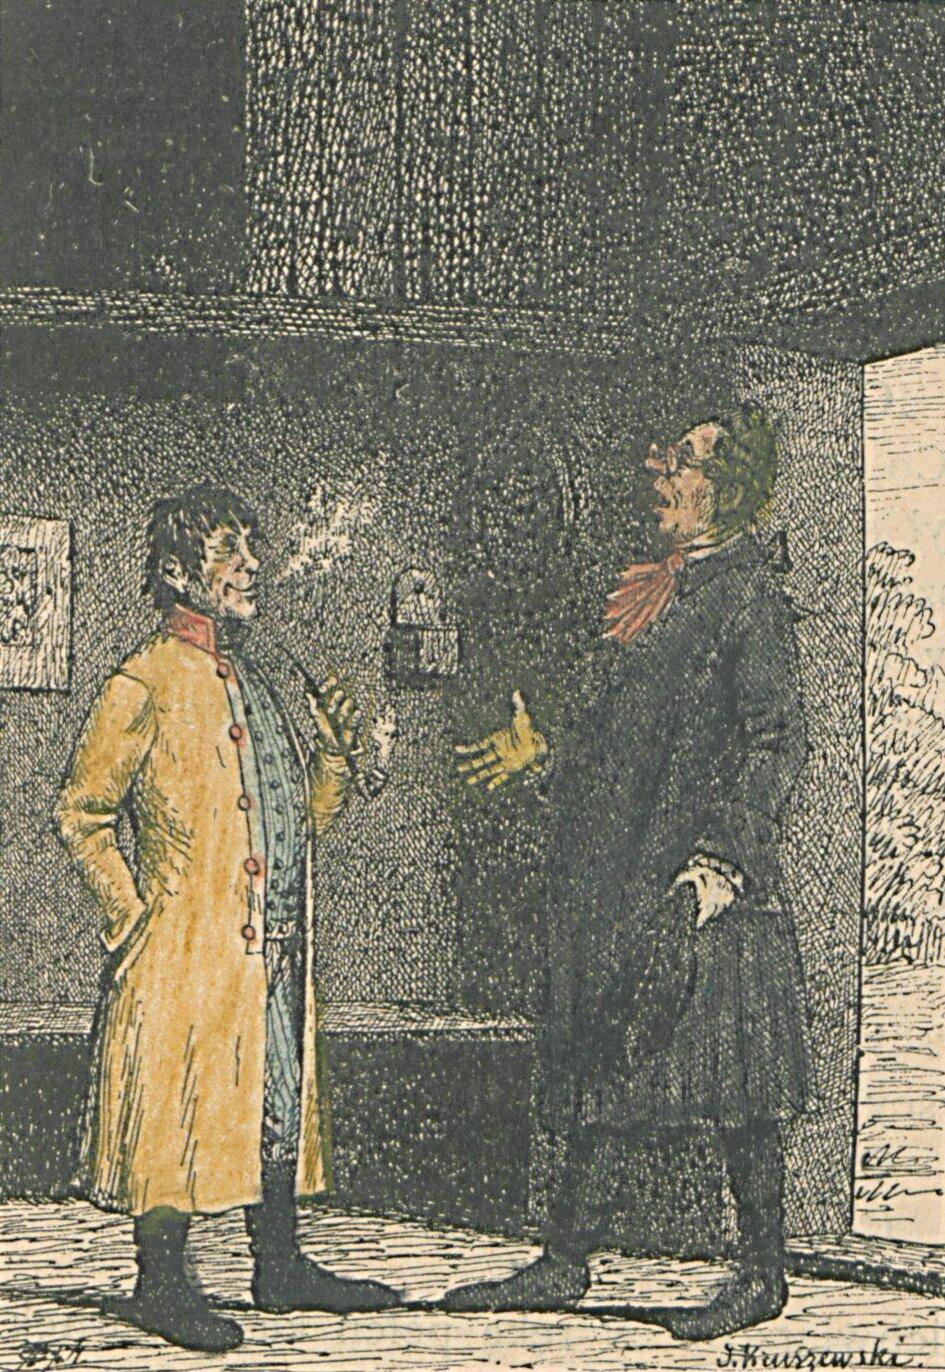 Bajki I. Krasickiego ilustrowane (Chłop ifilozof) Źródło: Józef Wincenty Kruszewski, Bajki I. Krasickiego ilustrowane (Chłop ifilozof), 1886, domena publiczna.